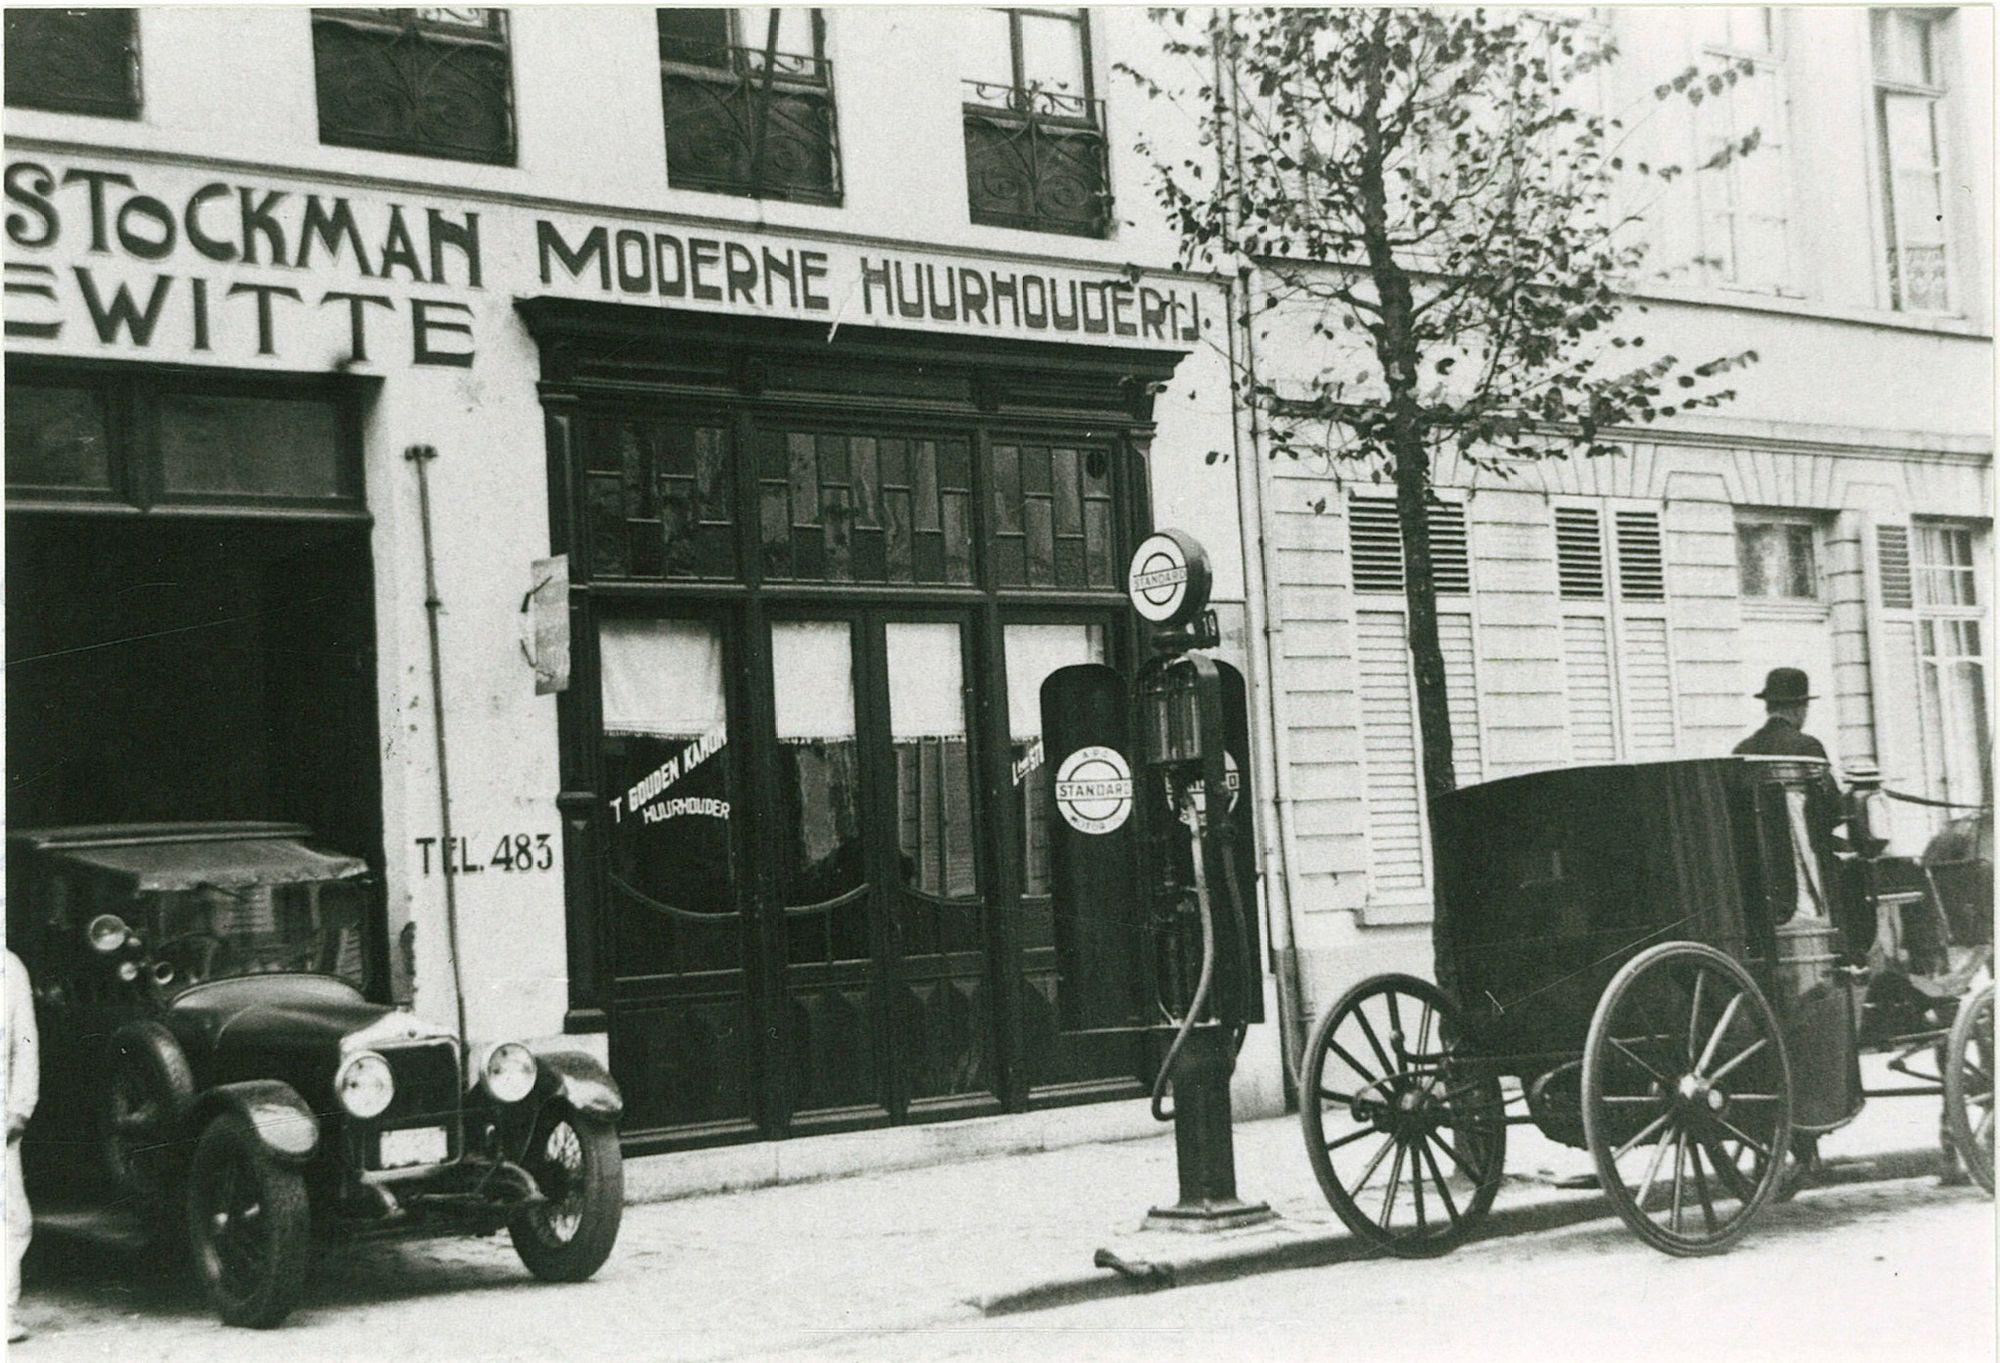 Huurhouderij Stockman-Dewitte 1927